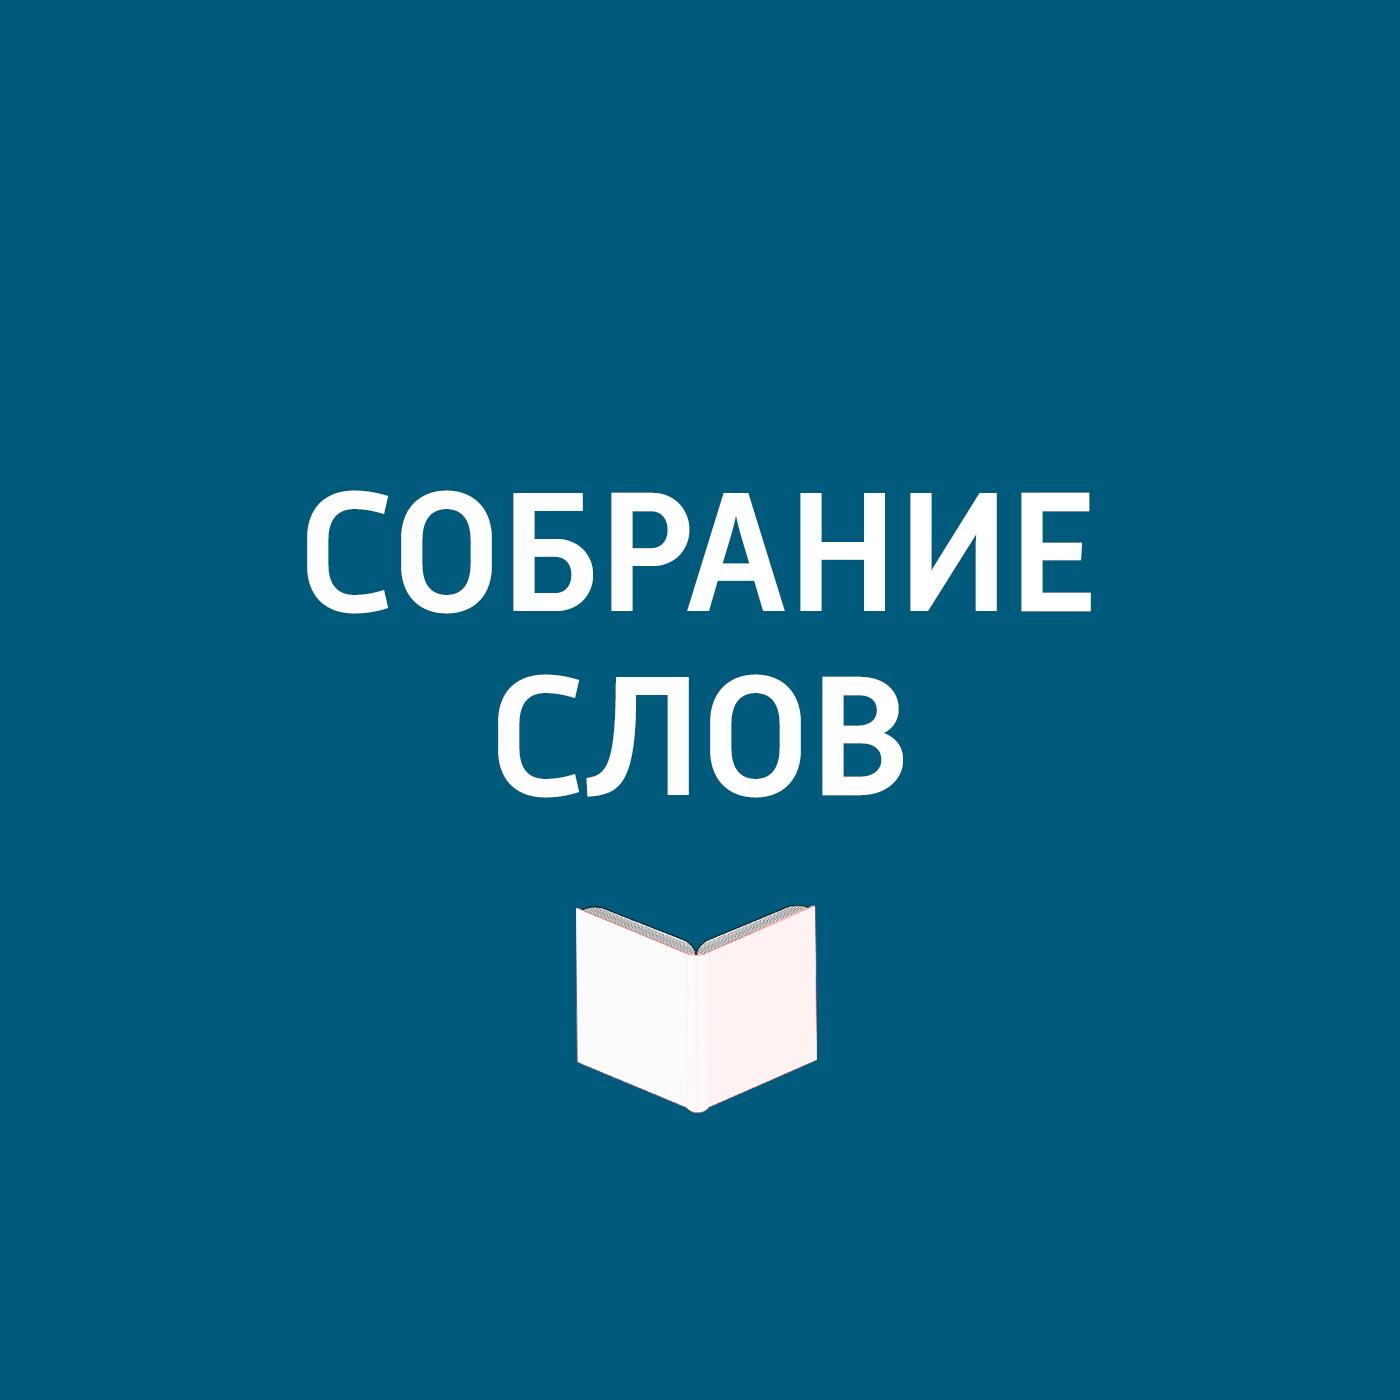 Творческий коллектив программы «Собрание слов» Большое интервью Кирилла Разлогова лина ди открой